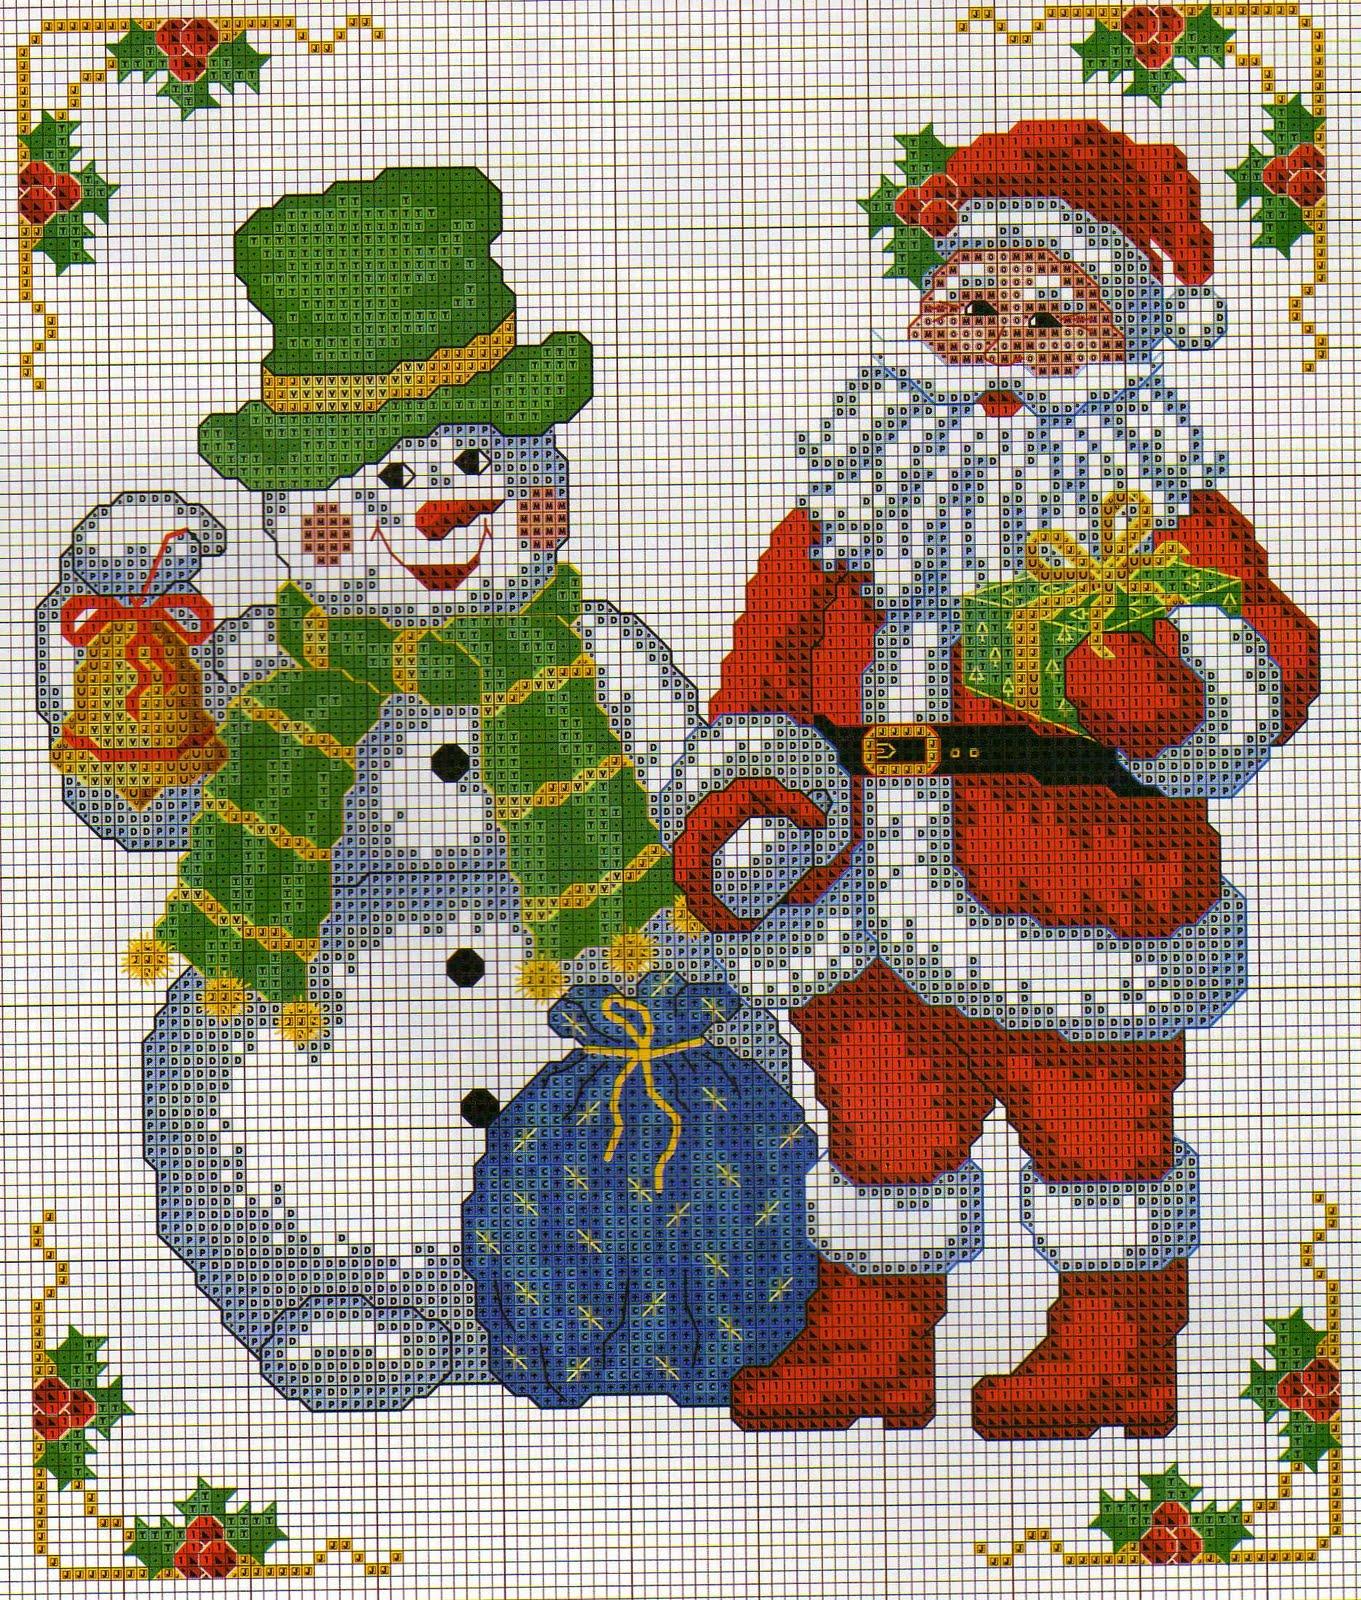 Babbo Natale Punto Croce.Babbo Natale Con Pupazzo Di Neve Punto Croce Magiedifilo It Punto Croce Uncinetto Schemi Gratis Hobby Creativi